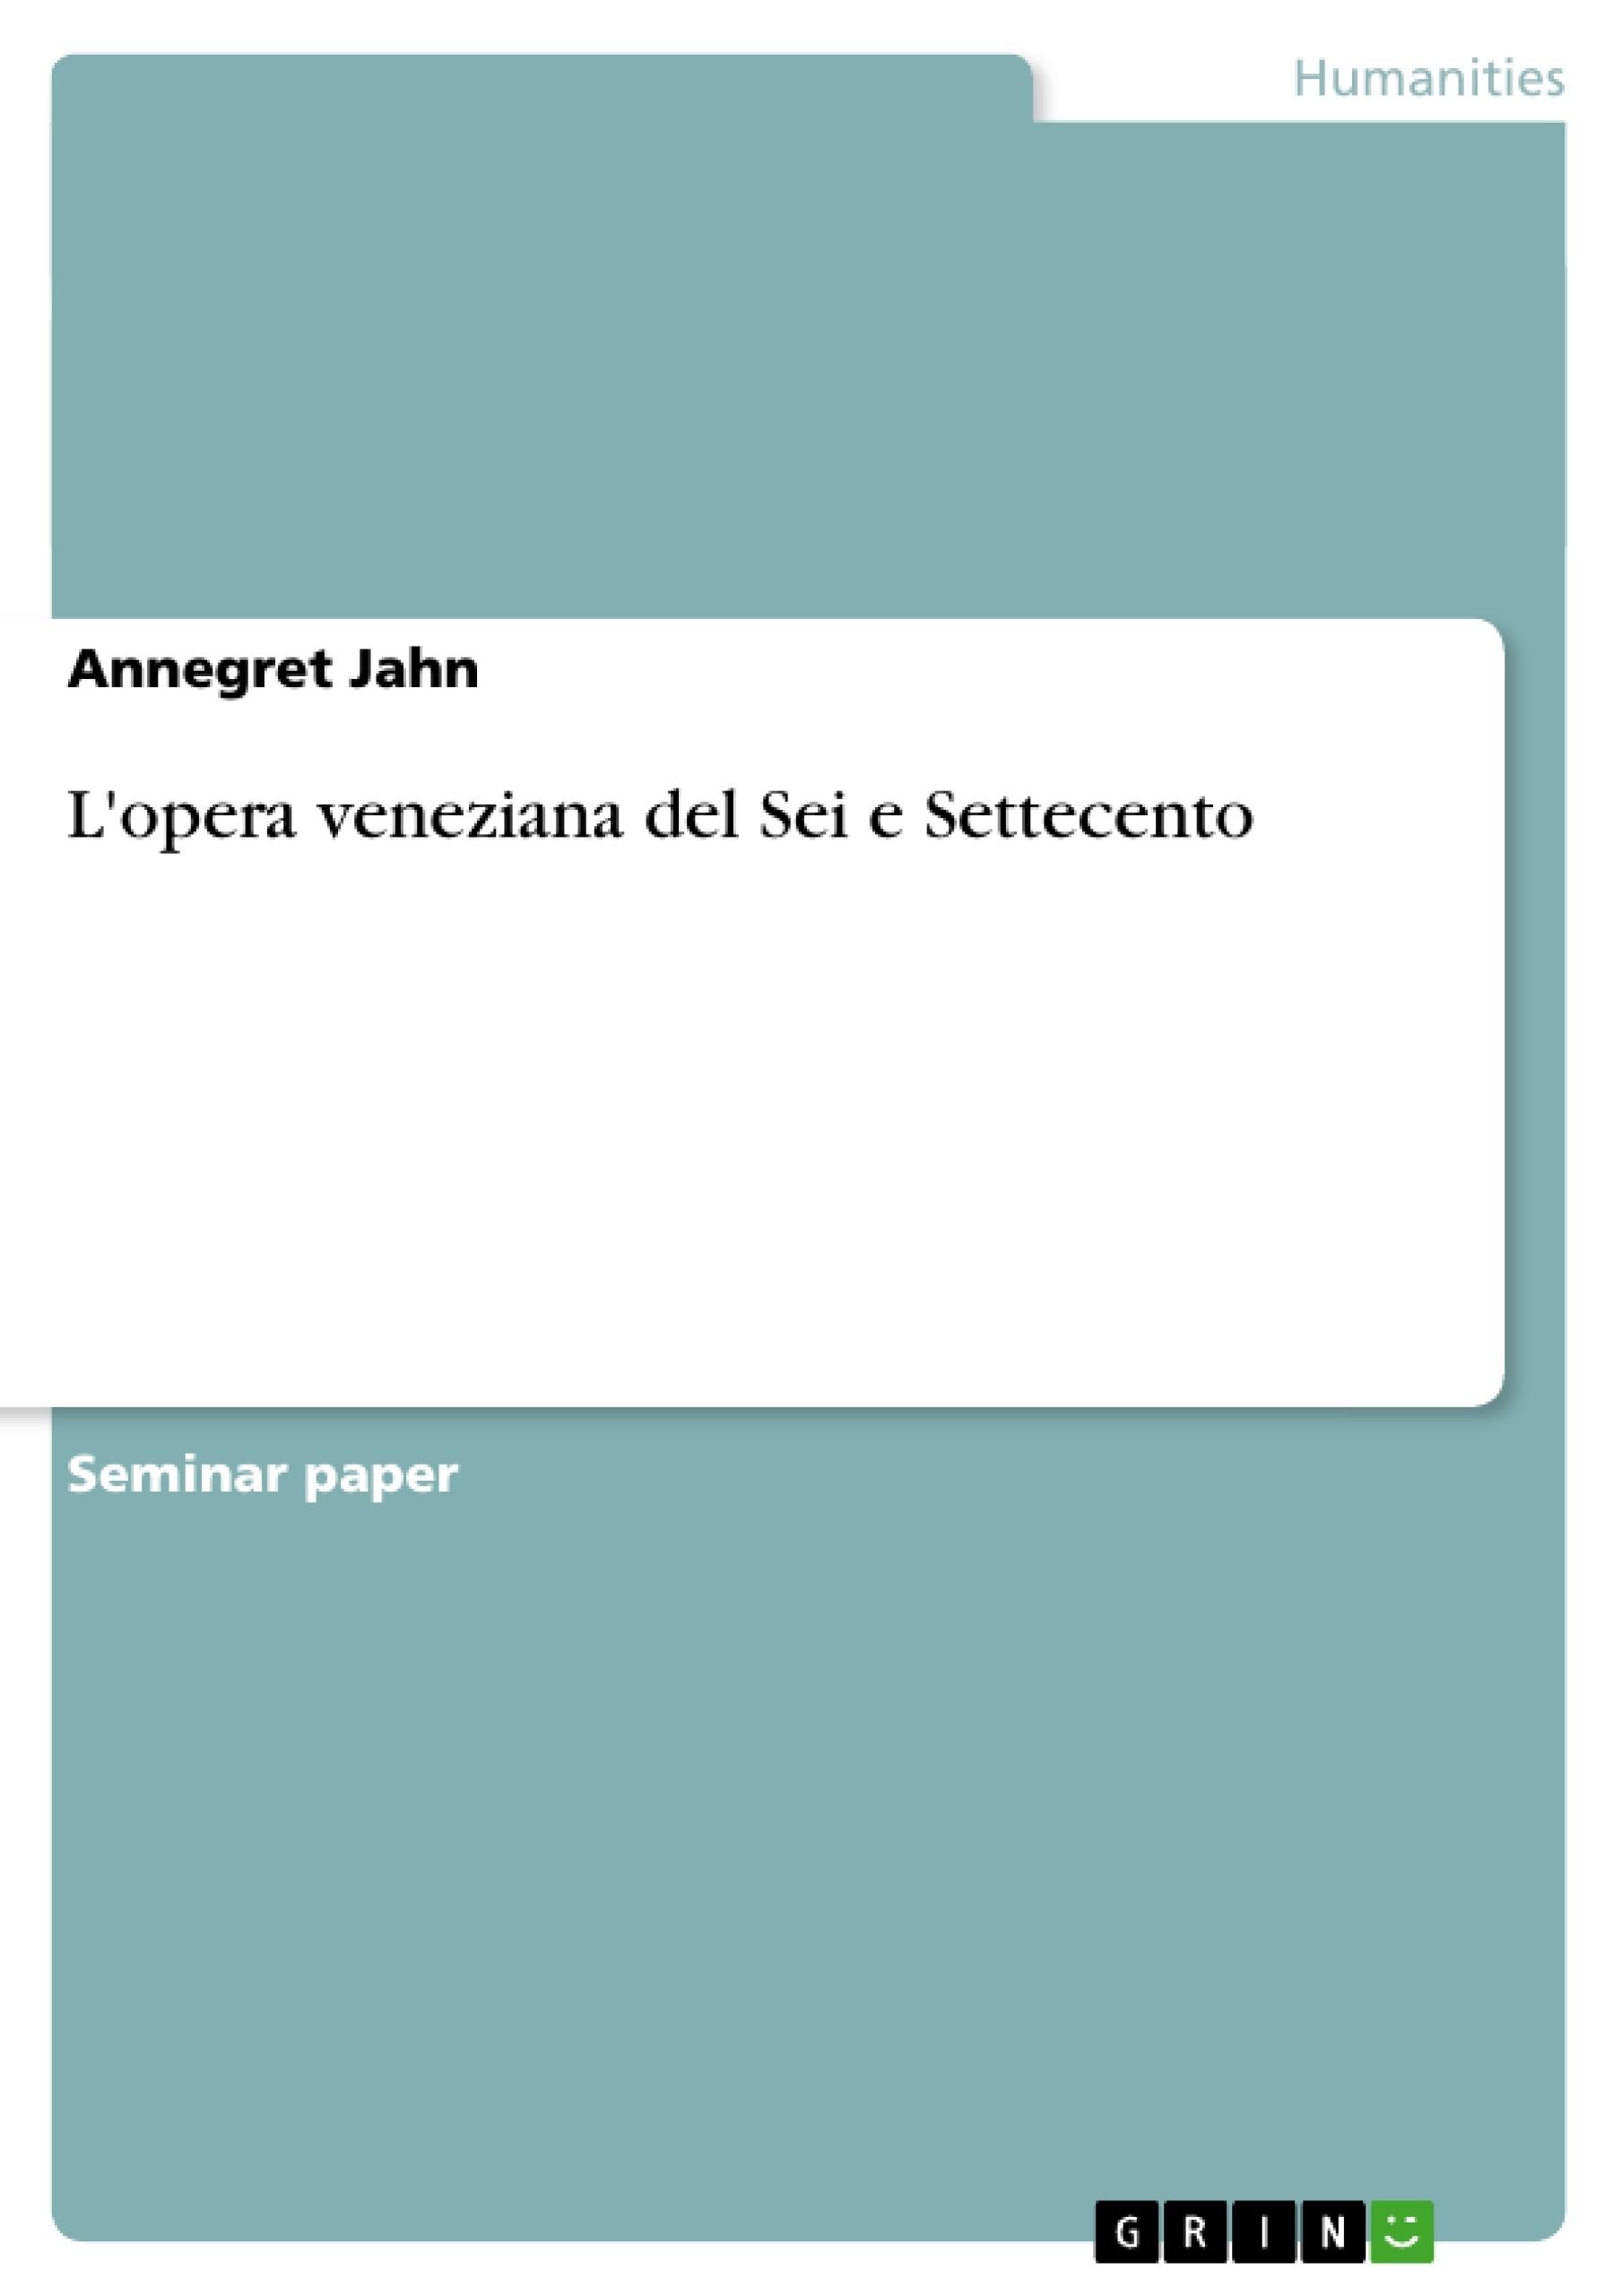 Title: L'opera veneziana del Sei e Settecento